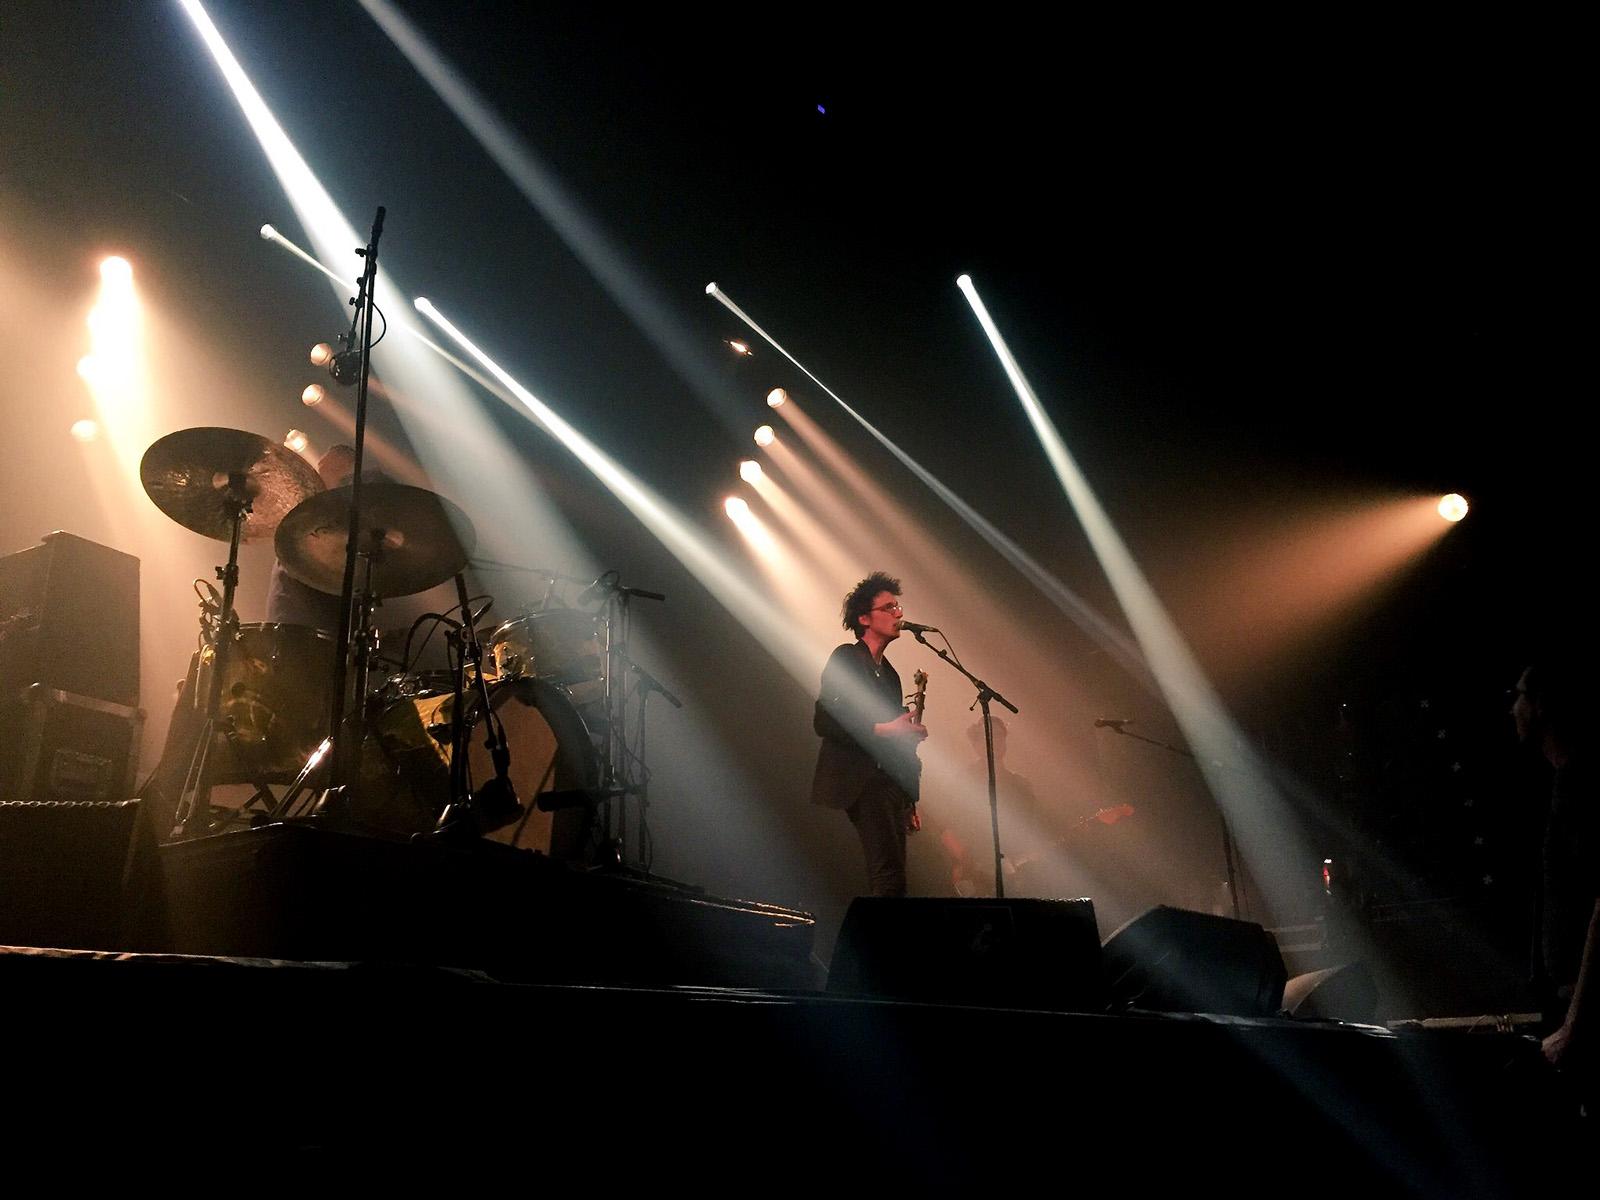 Radio Elvis groupe concert live Printemps de Bourges 2016 Les inouis festival musique album Les Conquêtes photo usofparis blog